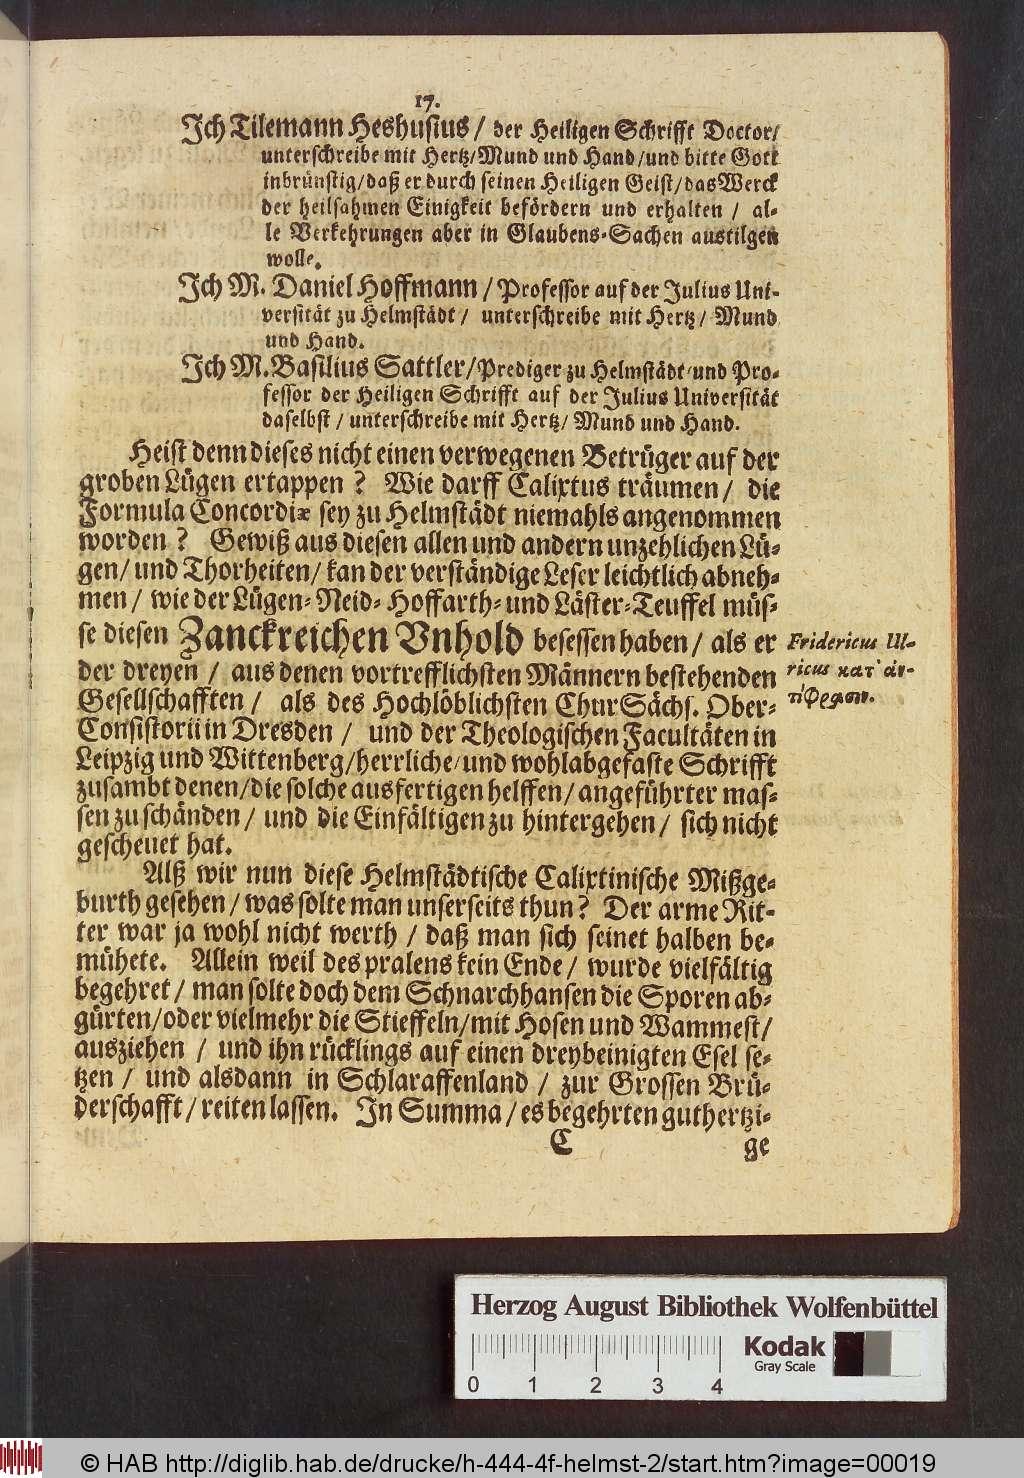 http://diglib.hab.de/drucke/h-444-4f-helmst-2/00019.jpg